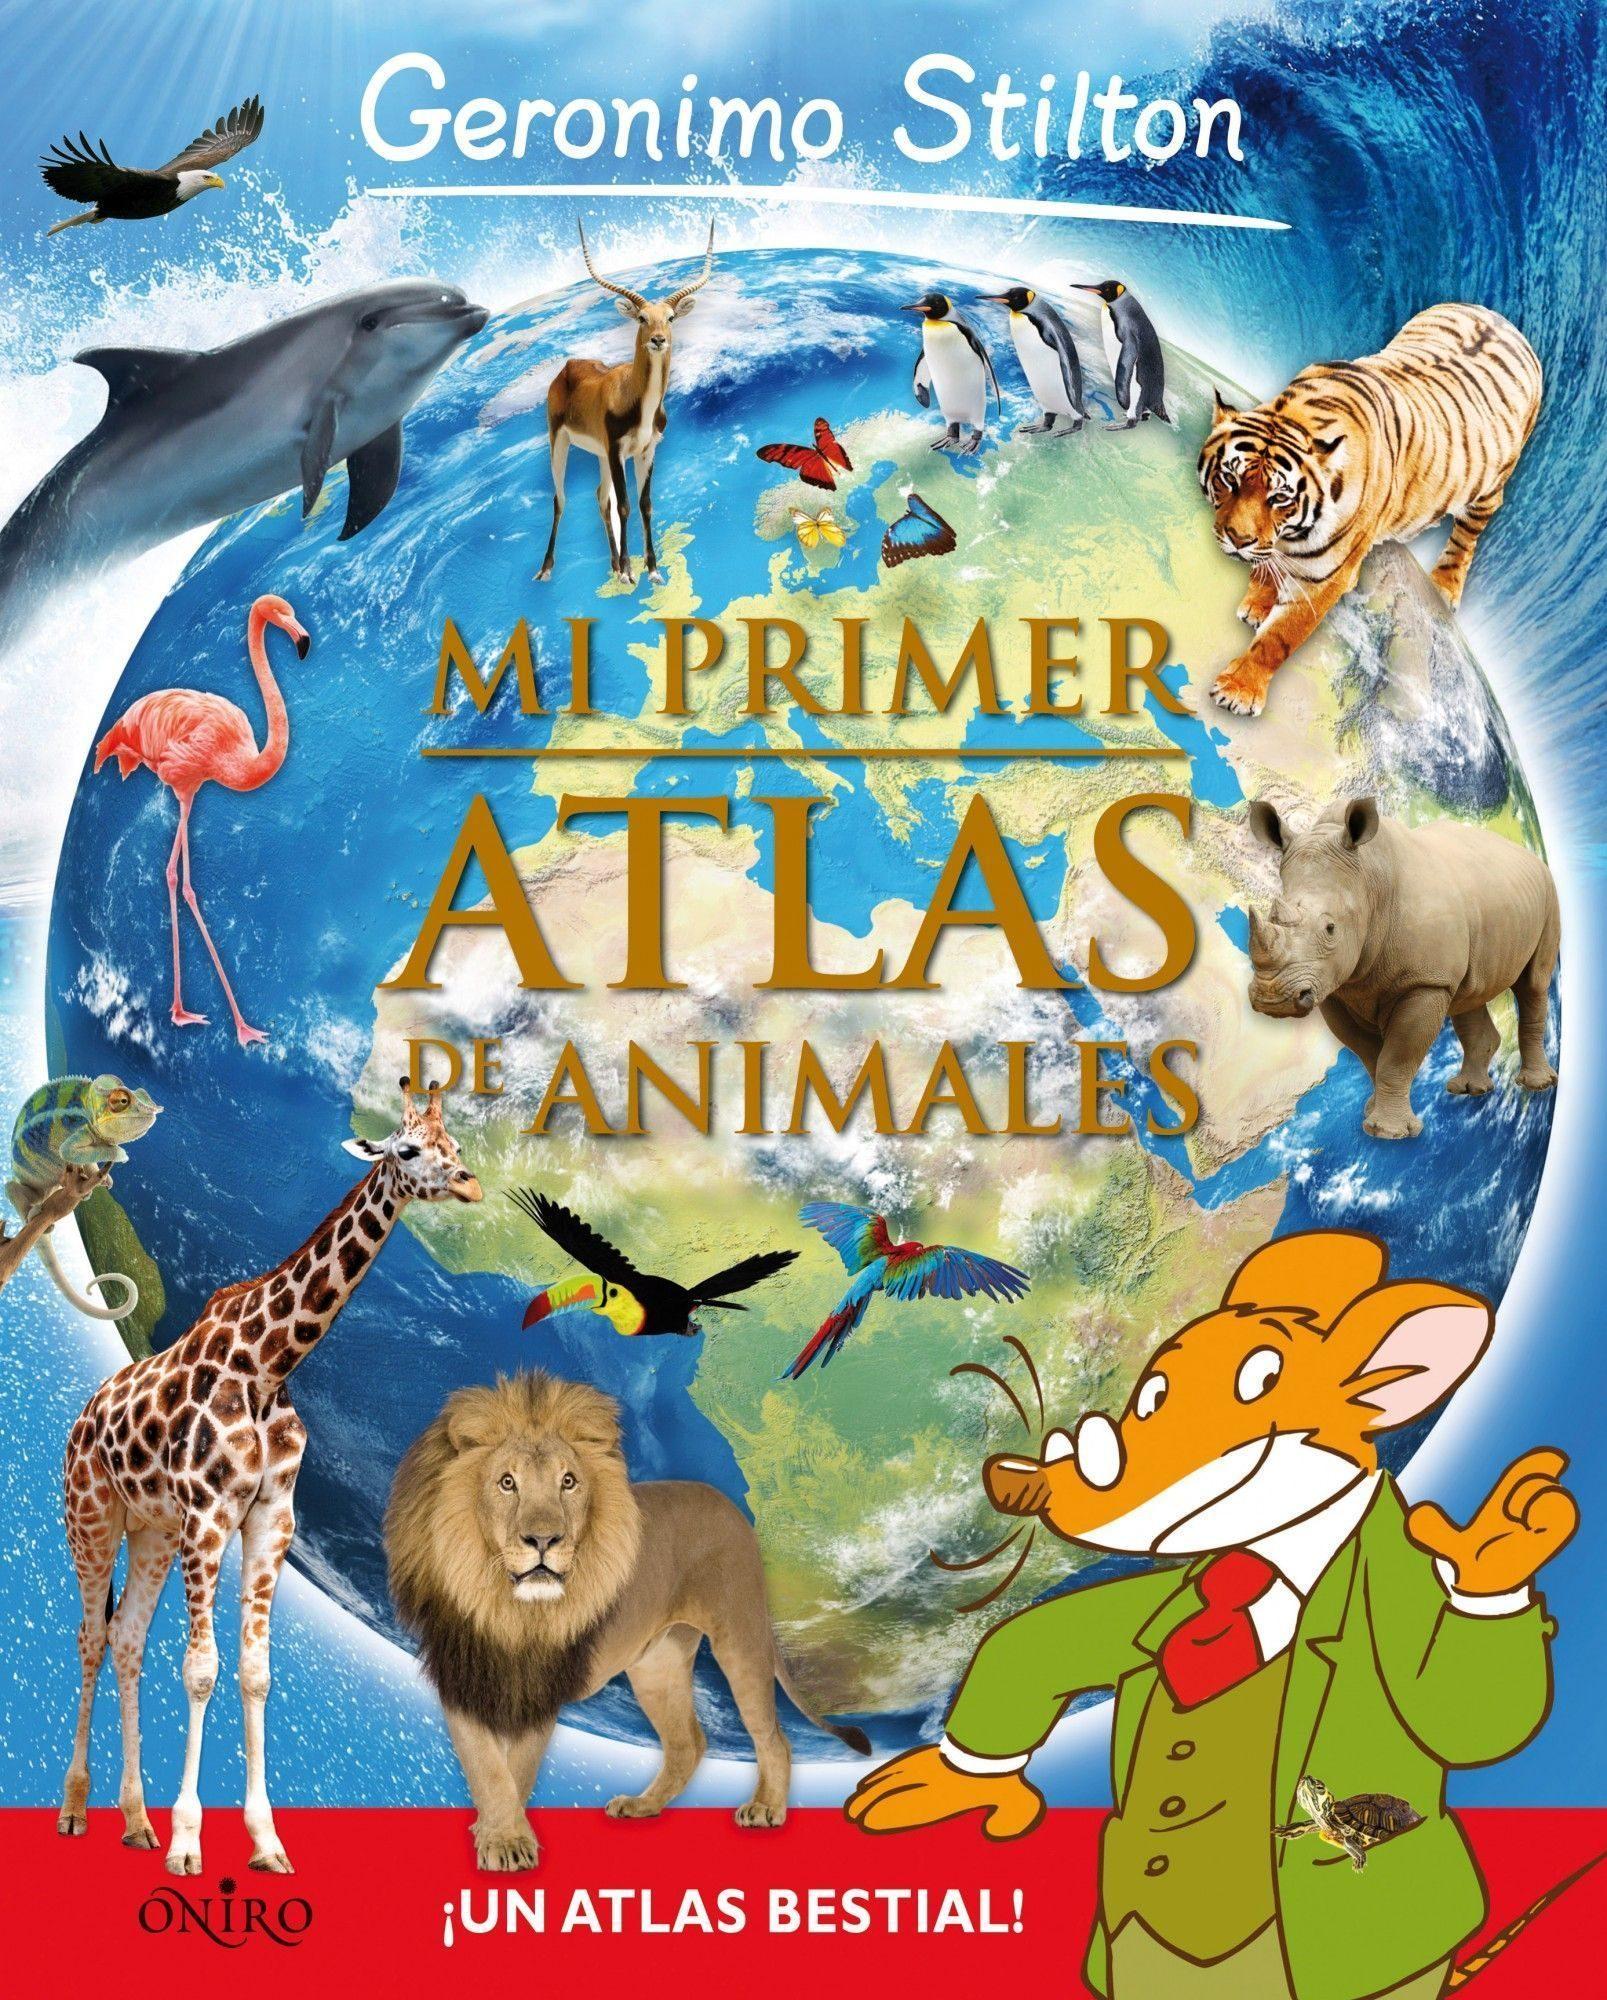 Mi Primer Atlas de Animales - Geronimo Stilton - Oniro